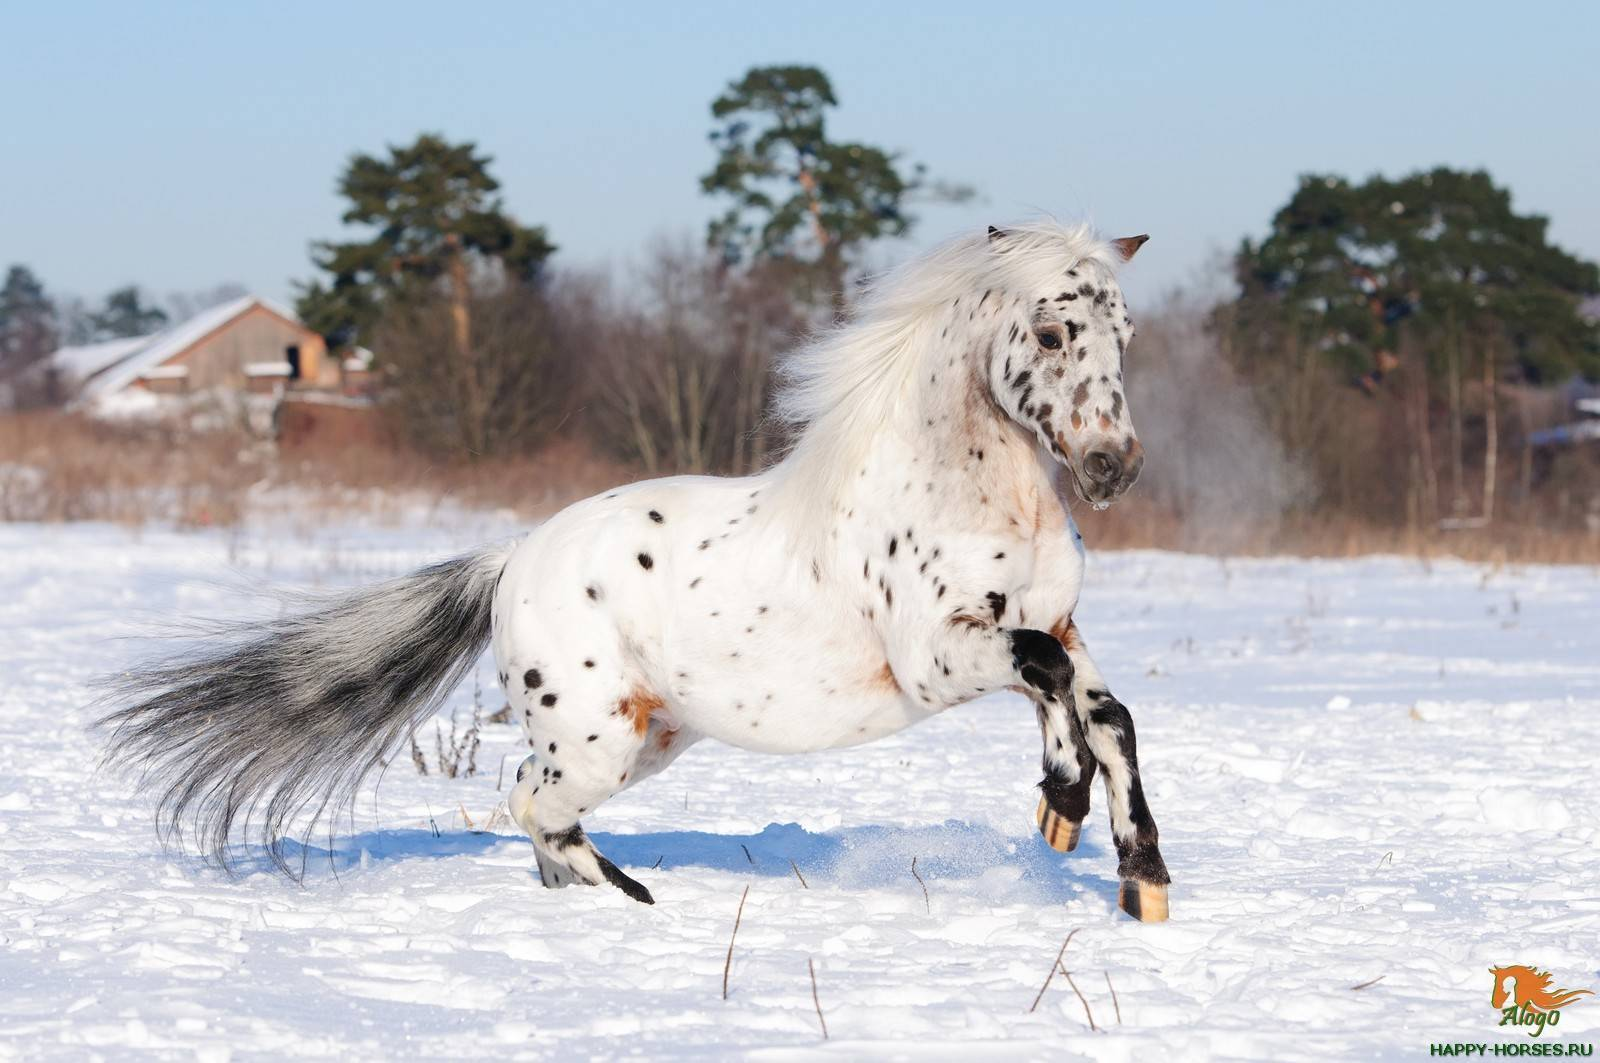 Пони: породы лошади, сколько живут и какие бывают